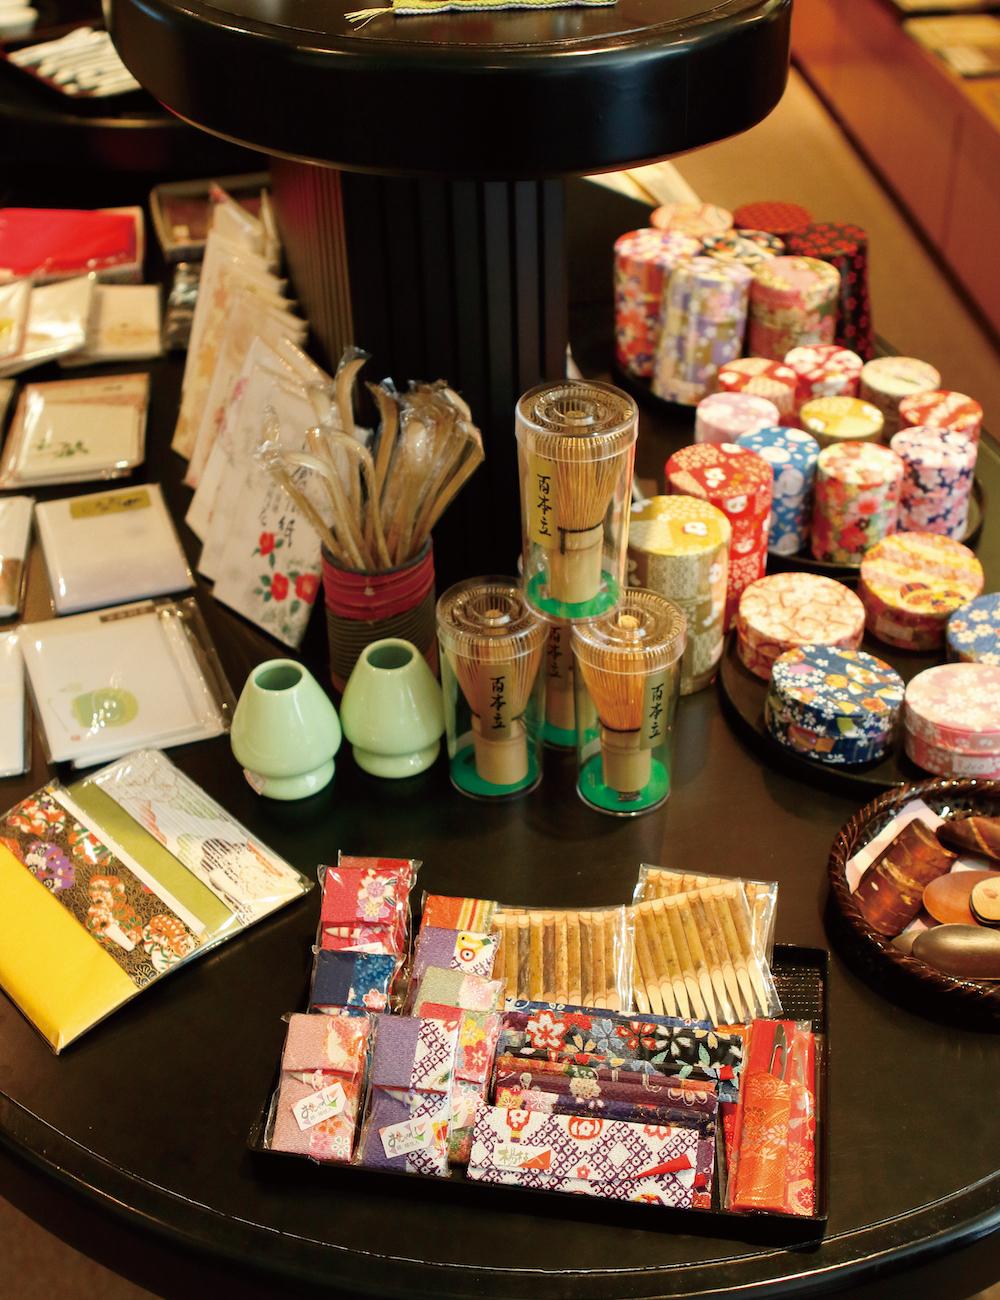 博物館內販售各種與茶相關的周邊商品,種類齊全, 愛茶人千萬不要錯過。